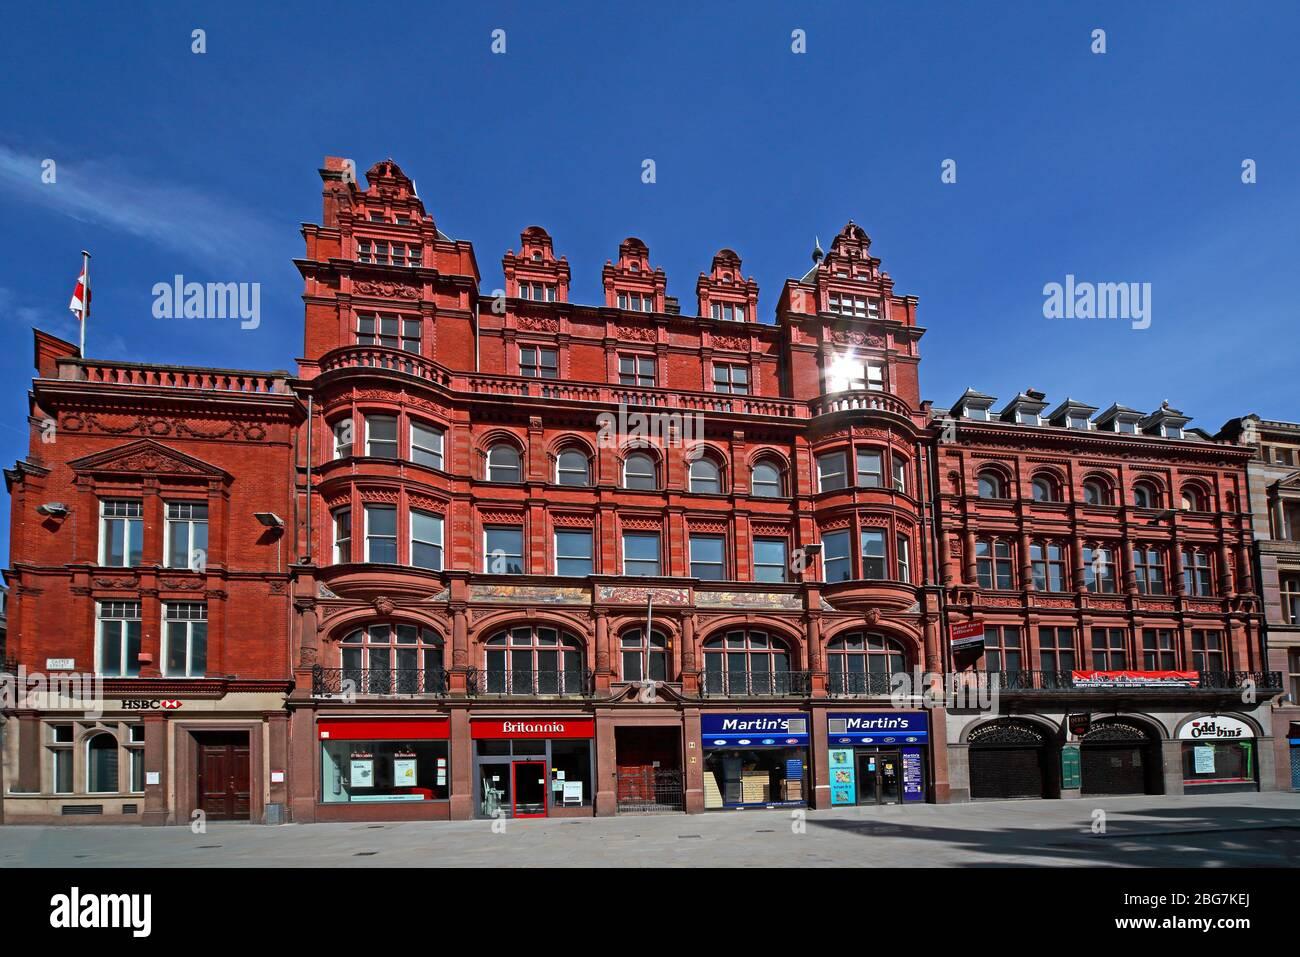 Dieses Stockfoto: Castle Street, roter Backstein, British Foreign Marine Insurance Co Gebäude, Stadtzentrum, Liverpool, Merseyside, England, Großbritannien, L2 - 2BG7KE